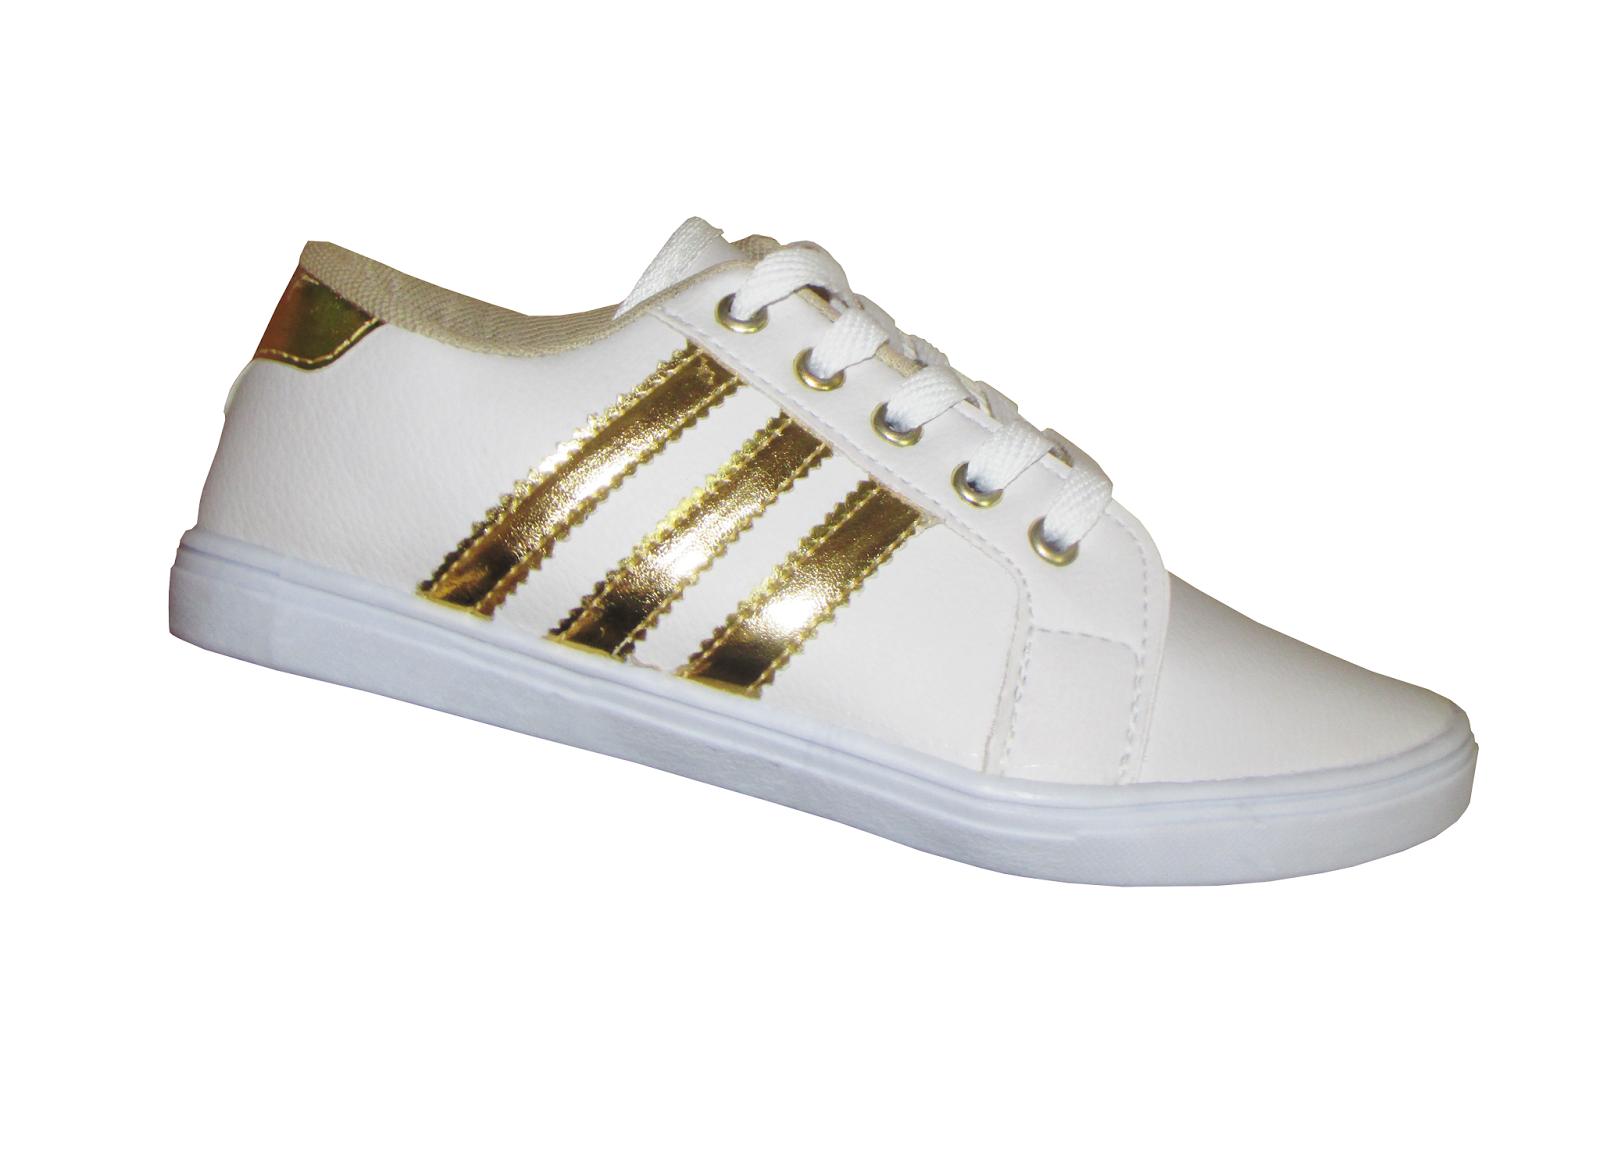 c6cec4008b6 Donma Calçados  Tênis feminino Adidas Listras - Uma ótima opção para ...